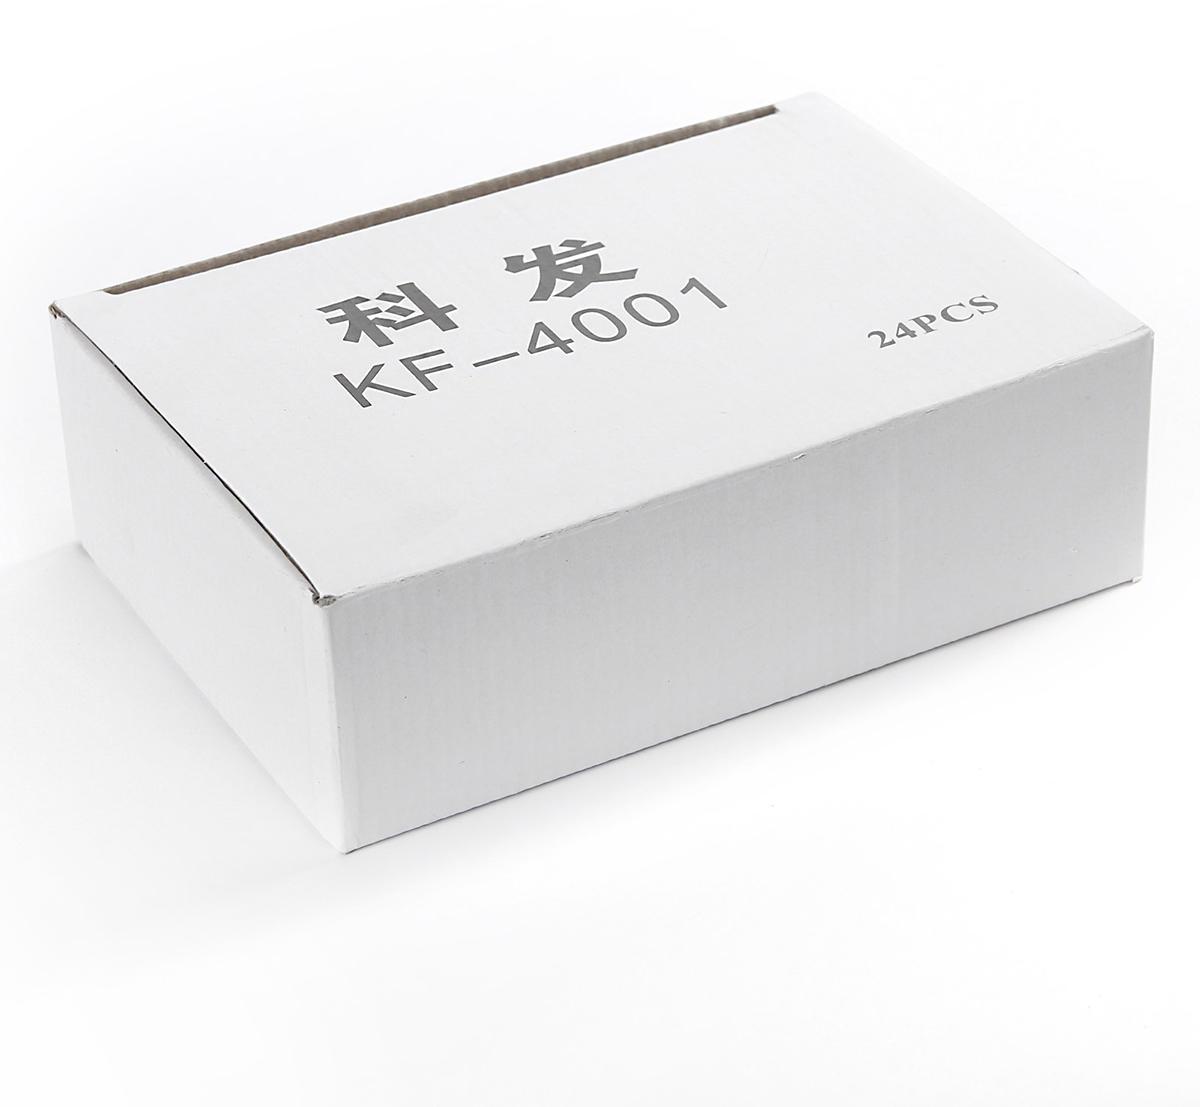 Кронциркуль с рейсфедором цвет серый металлик 3 предмета 2924232 Канцелярские товары необходимы...